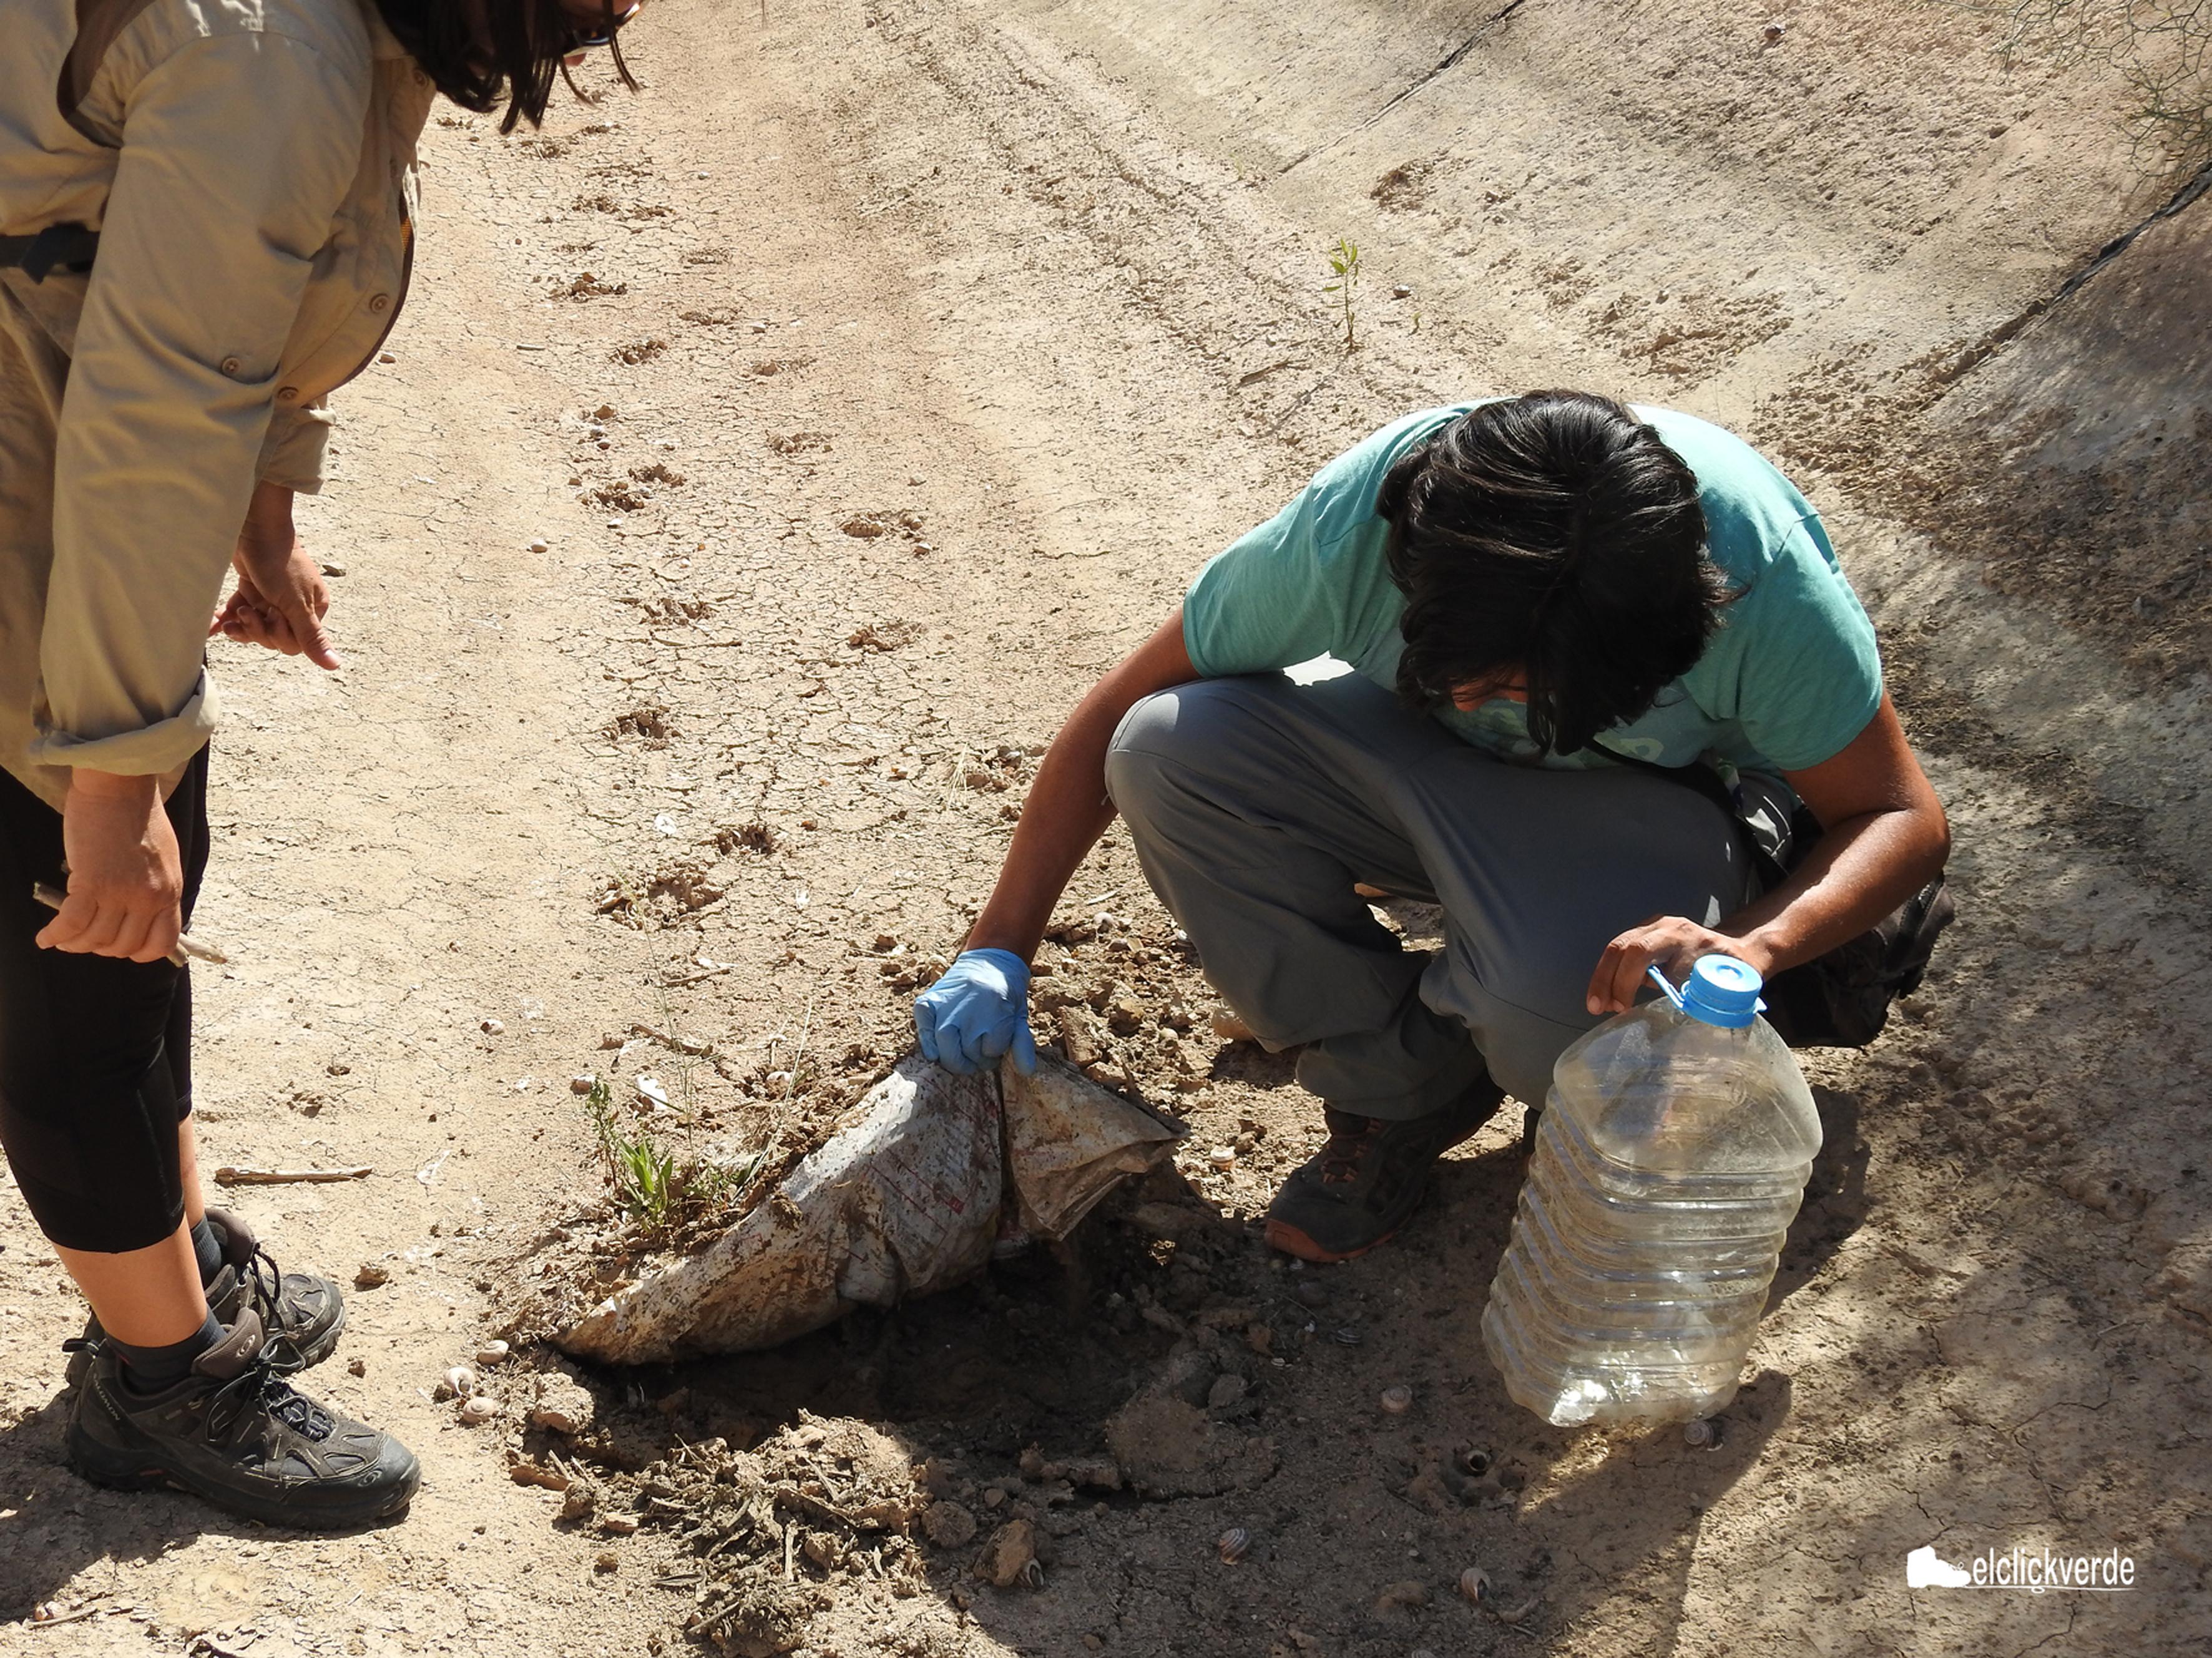 Conrado Requena, levantando un plástico enredado en el tapiz de algas del canal